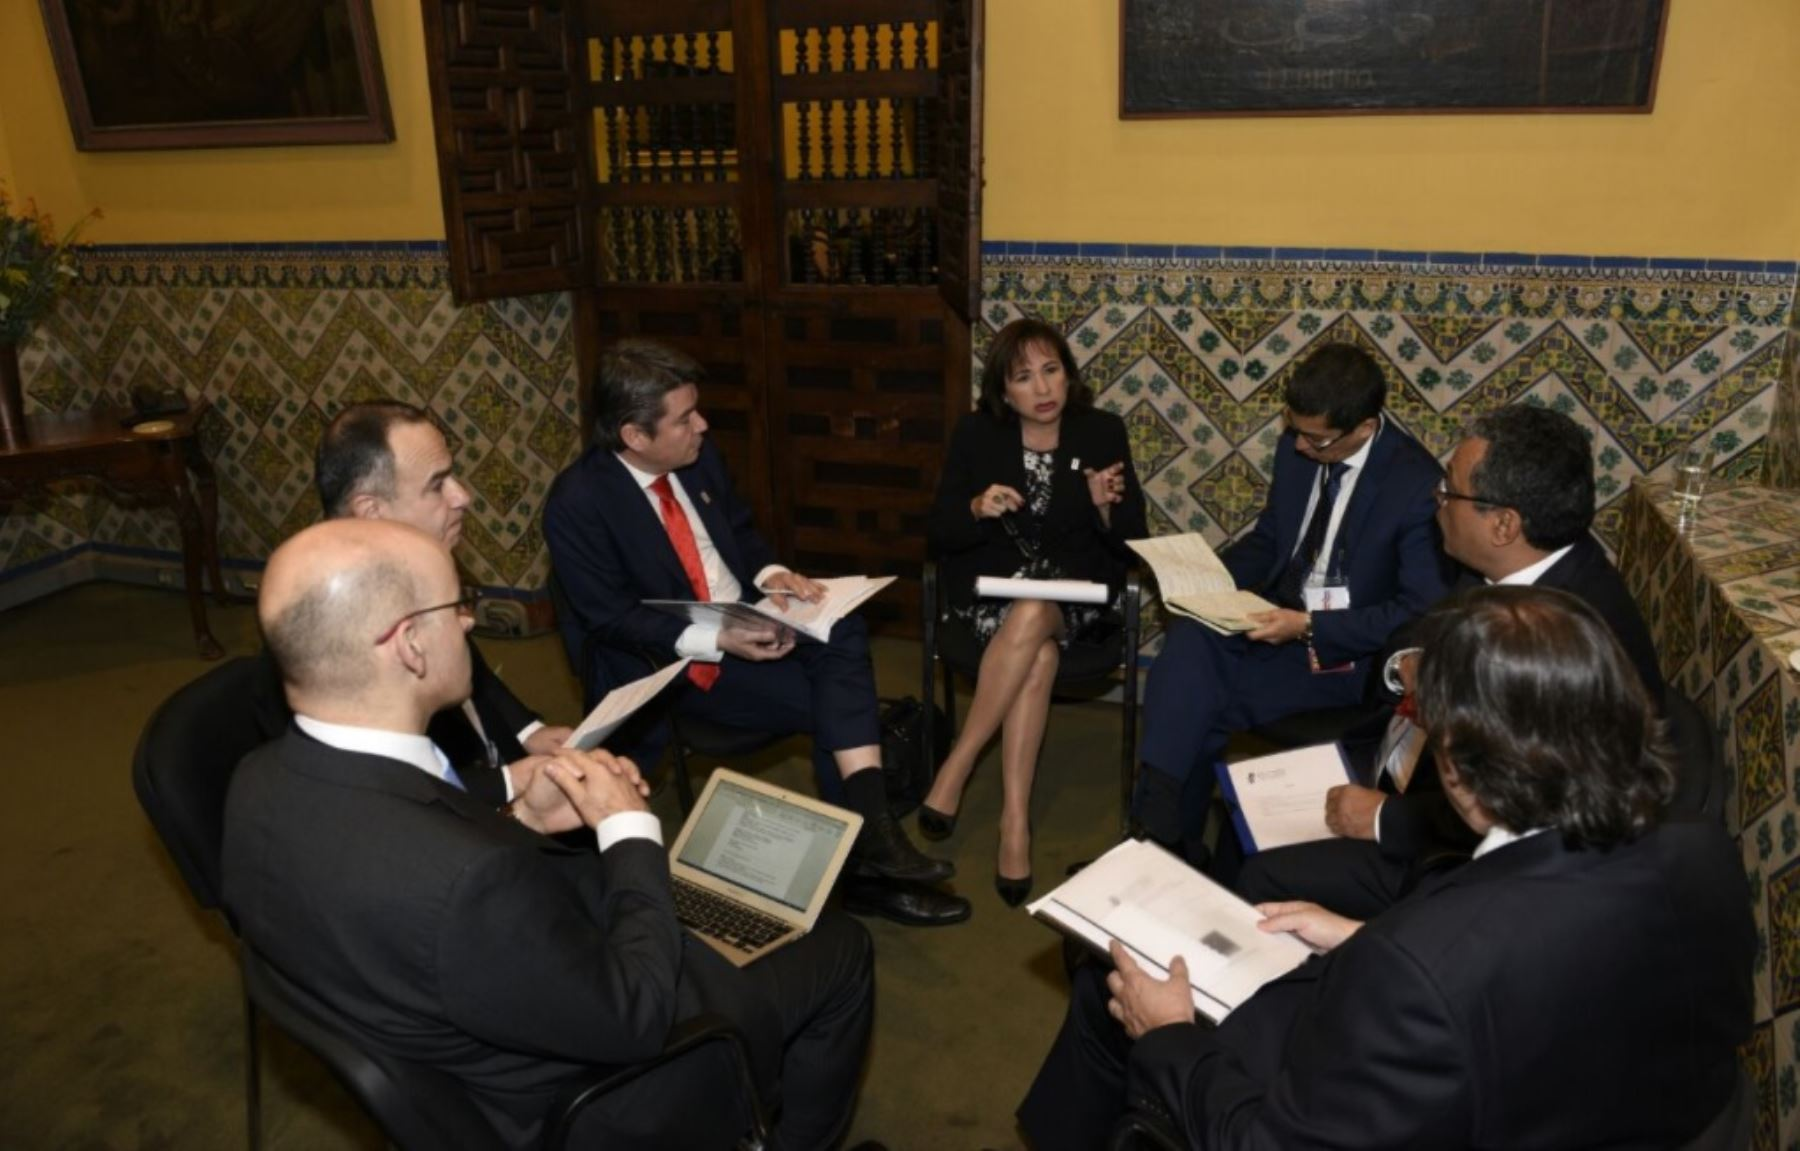 La ministra del Ambiente del Perú, Elsa Galarza Contreras, y el ministro del Medio Ambiente de Chile, Marcelo Mena Carrasco, junto a sus equipos técnicos dialogan en el marco del Primer Gabinete Binacional celebrado en Lima.